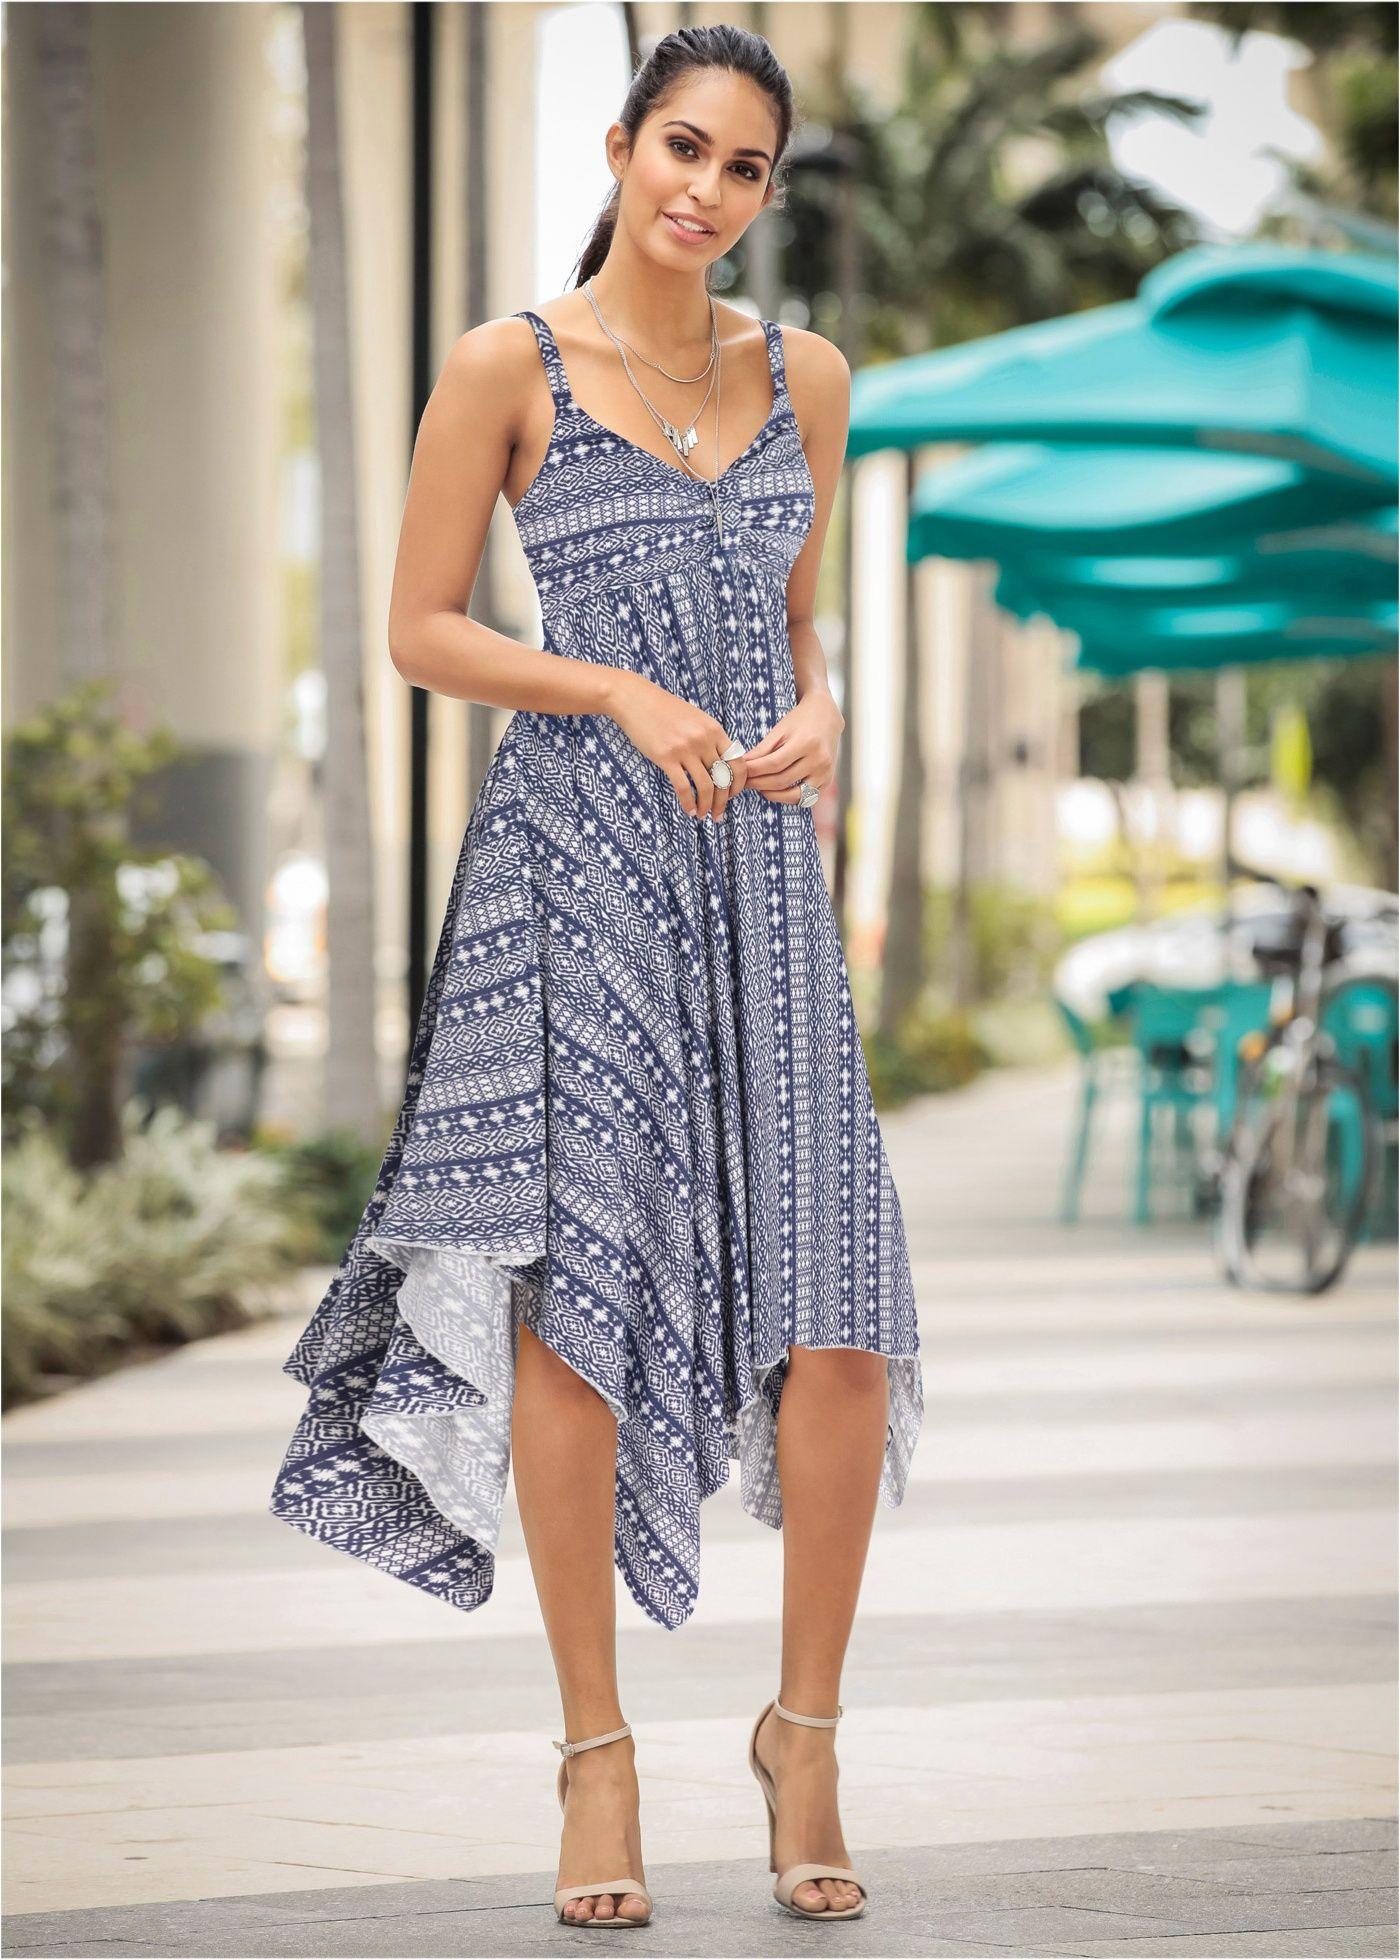 851812171 Vestido com pontas assimétricas crú/azul escuro estampado encomendar agora  na loja on-line bonprix.com.br R$ 109,90 a partir de Uau! Este vestido é  para .